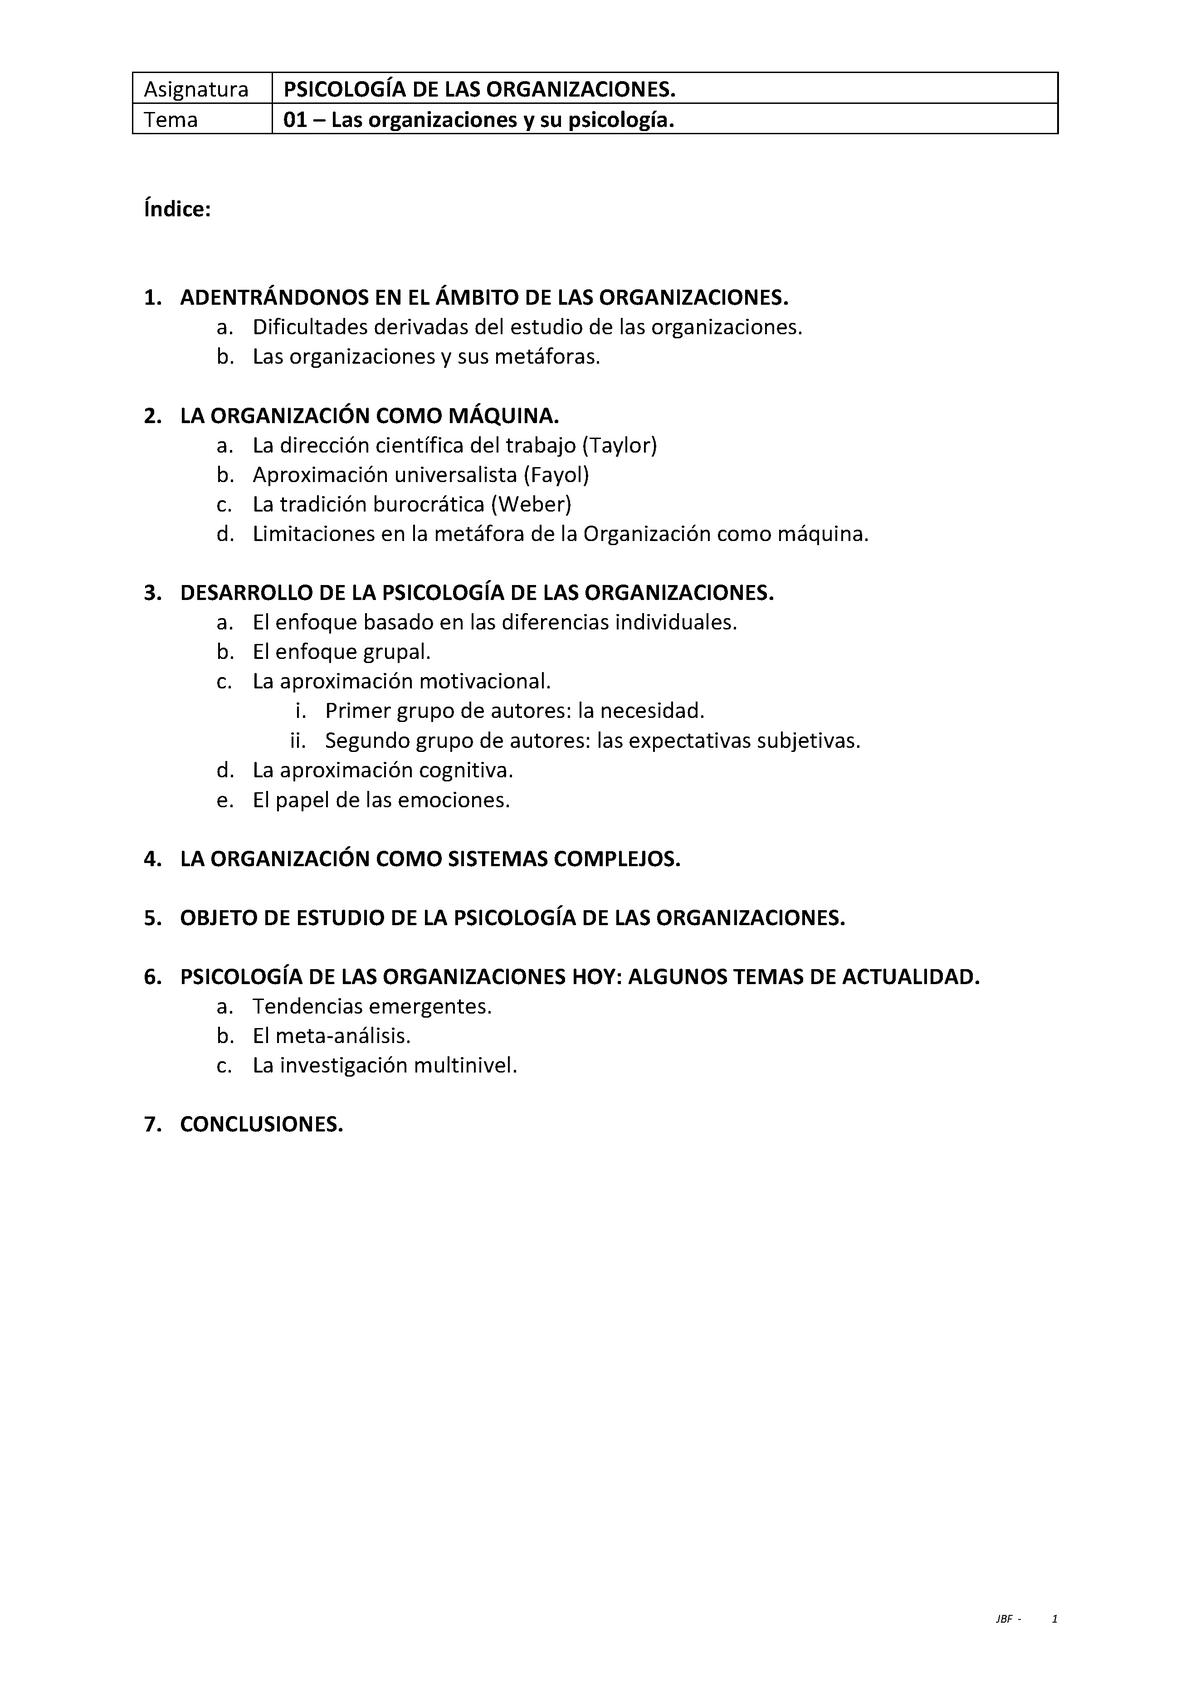 Resumen Psicología De Las Organizaciones 62013059 Uned